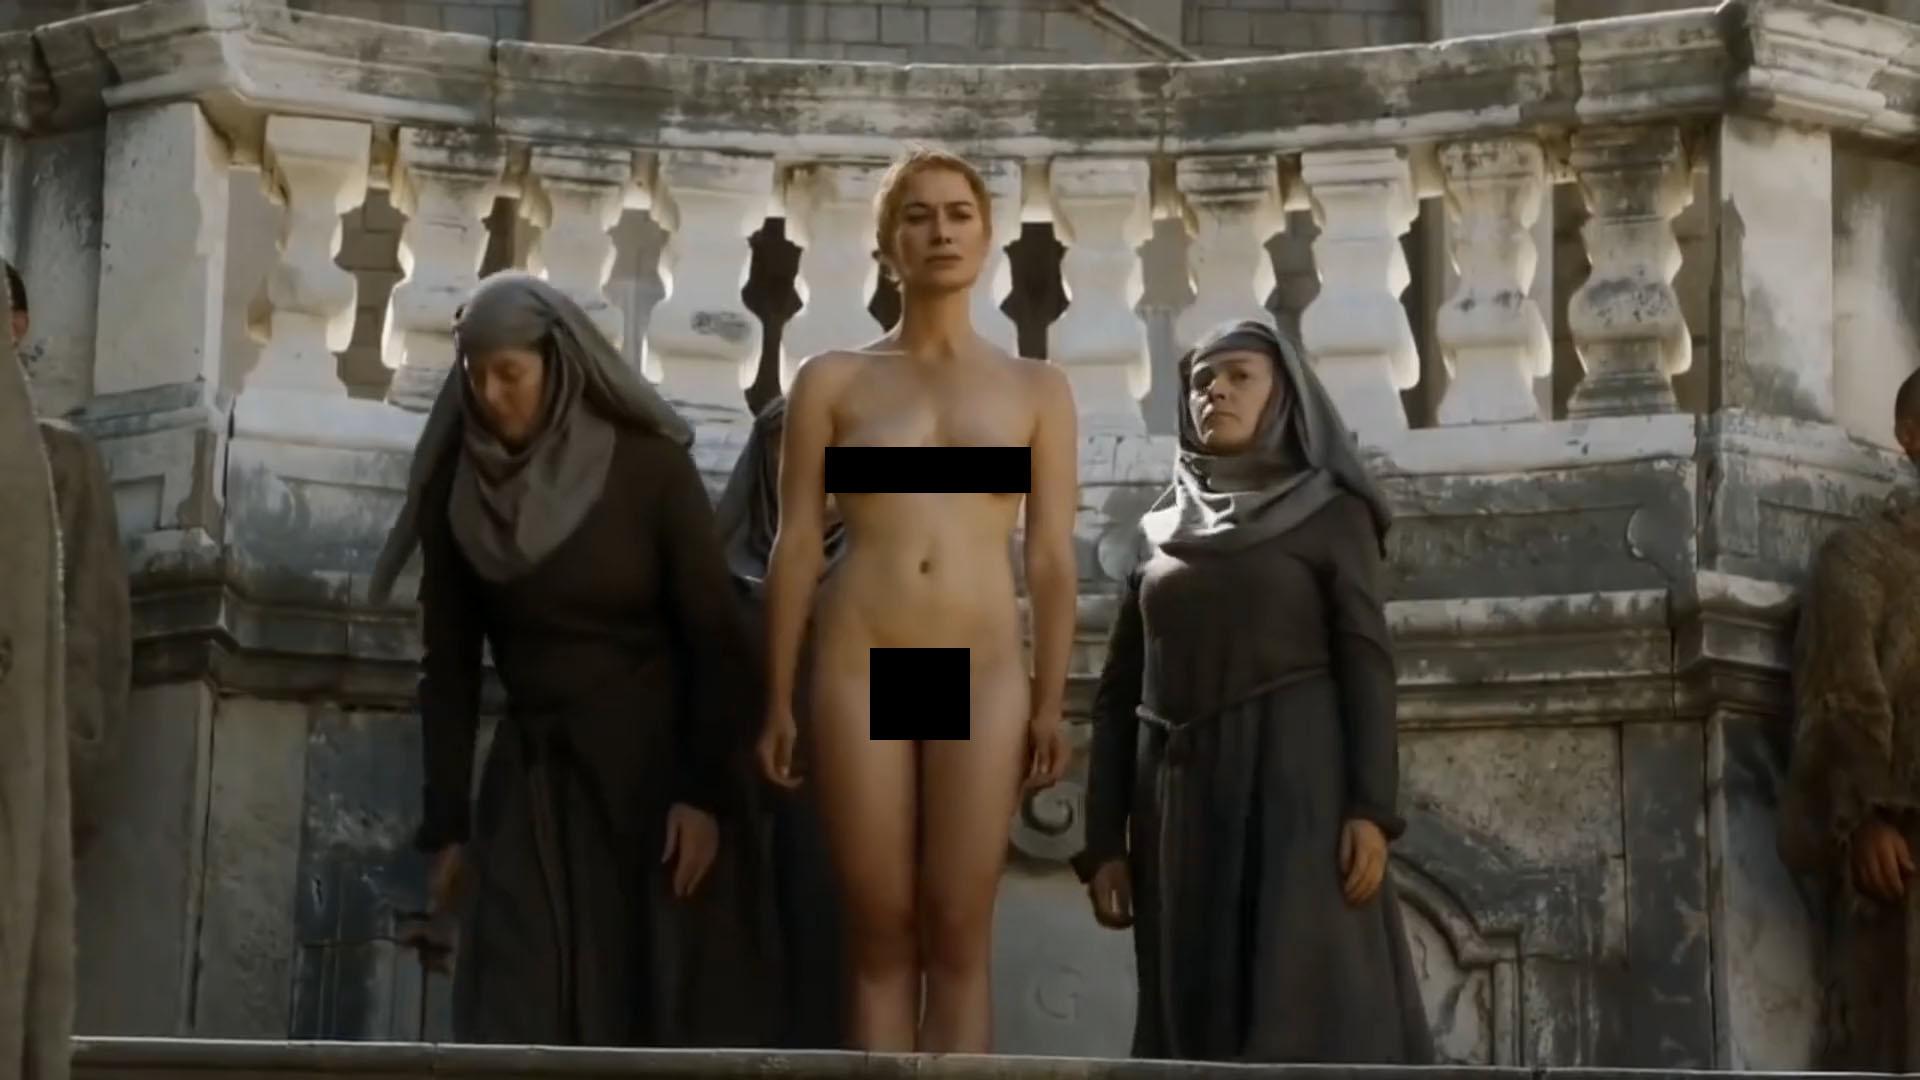 Lena Headey Reavivó La Polémica Por Su Escena Al Desnudo En Game Of